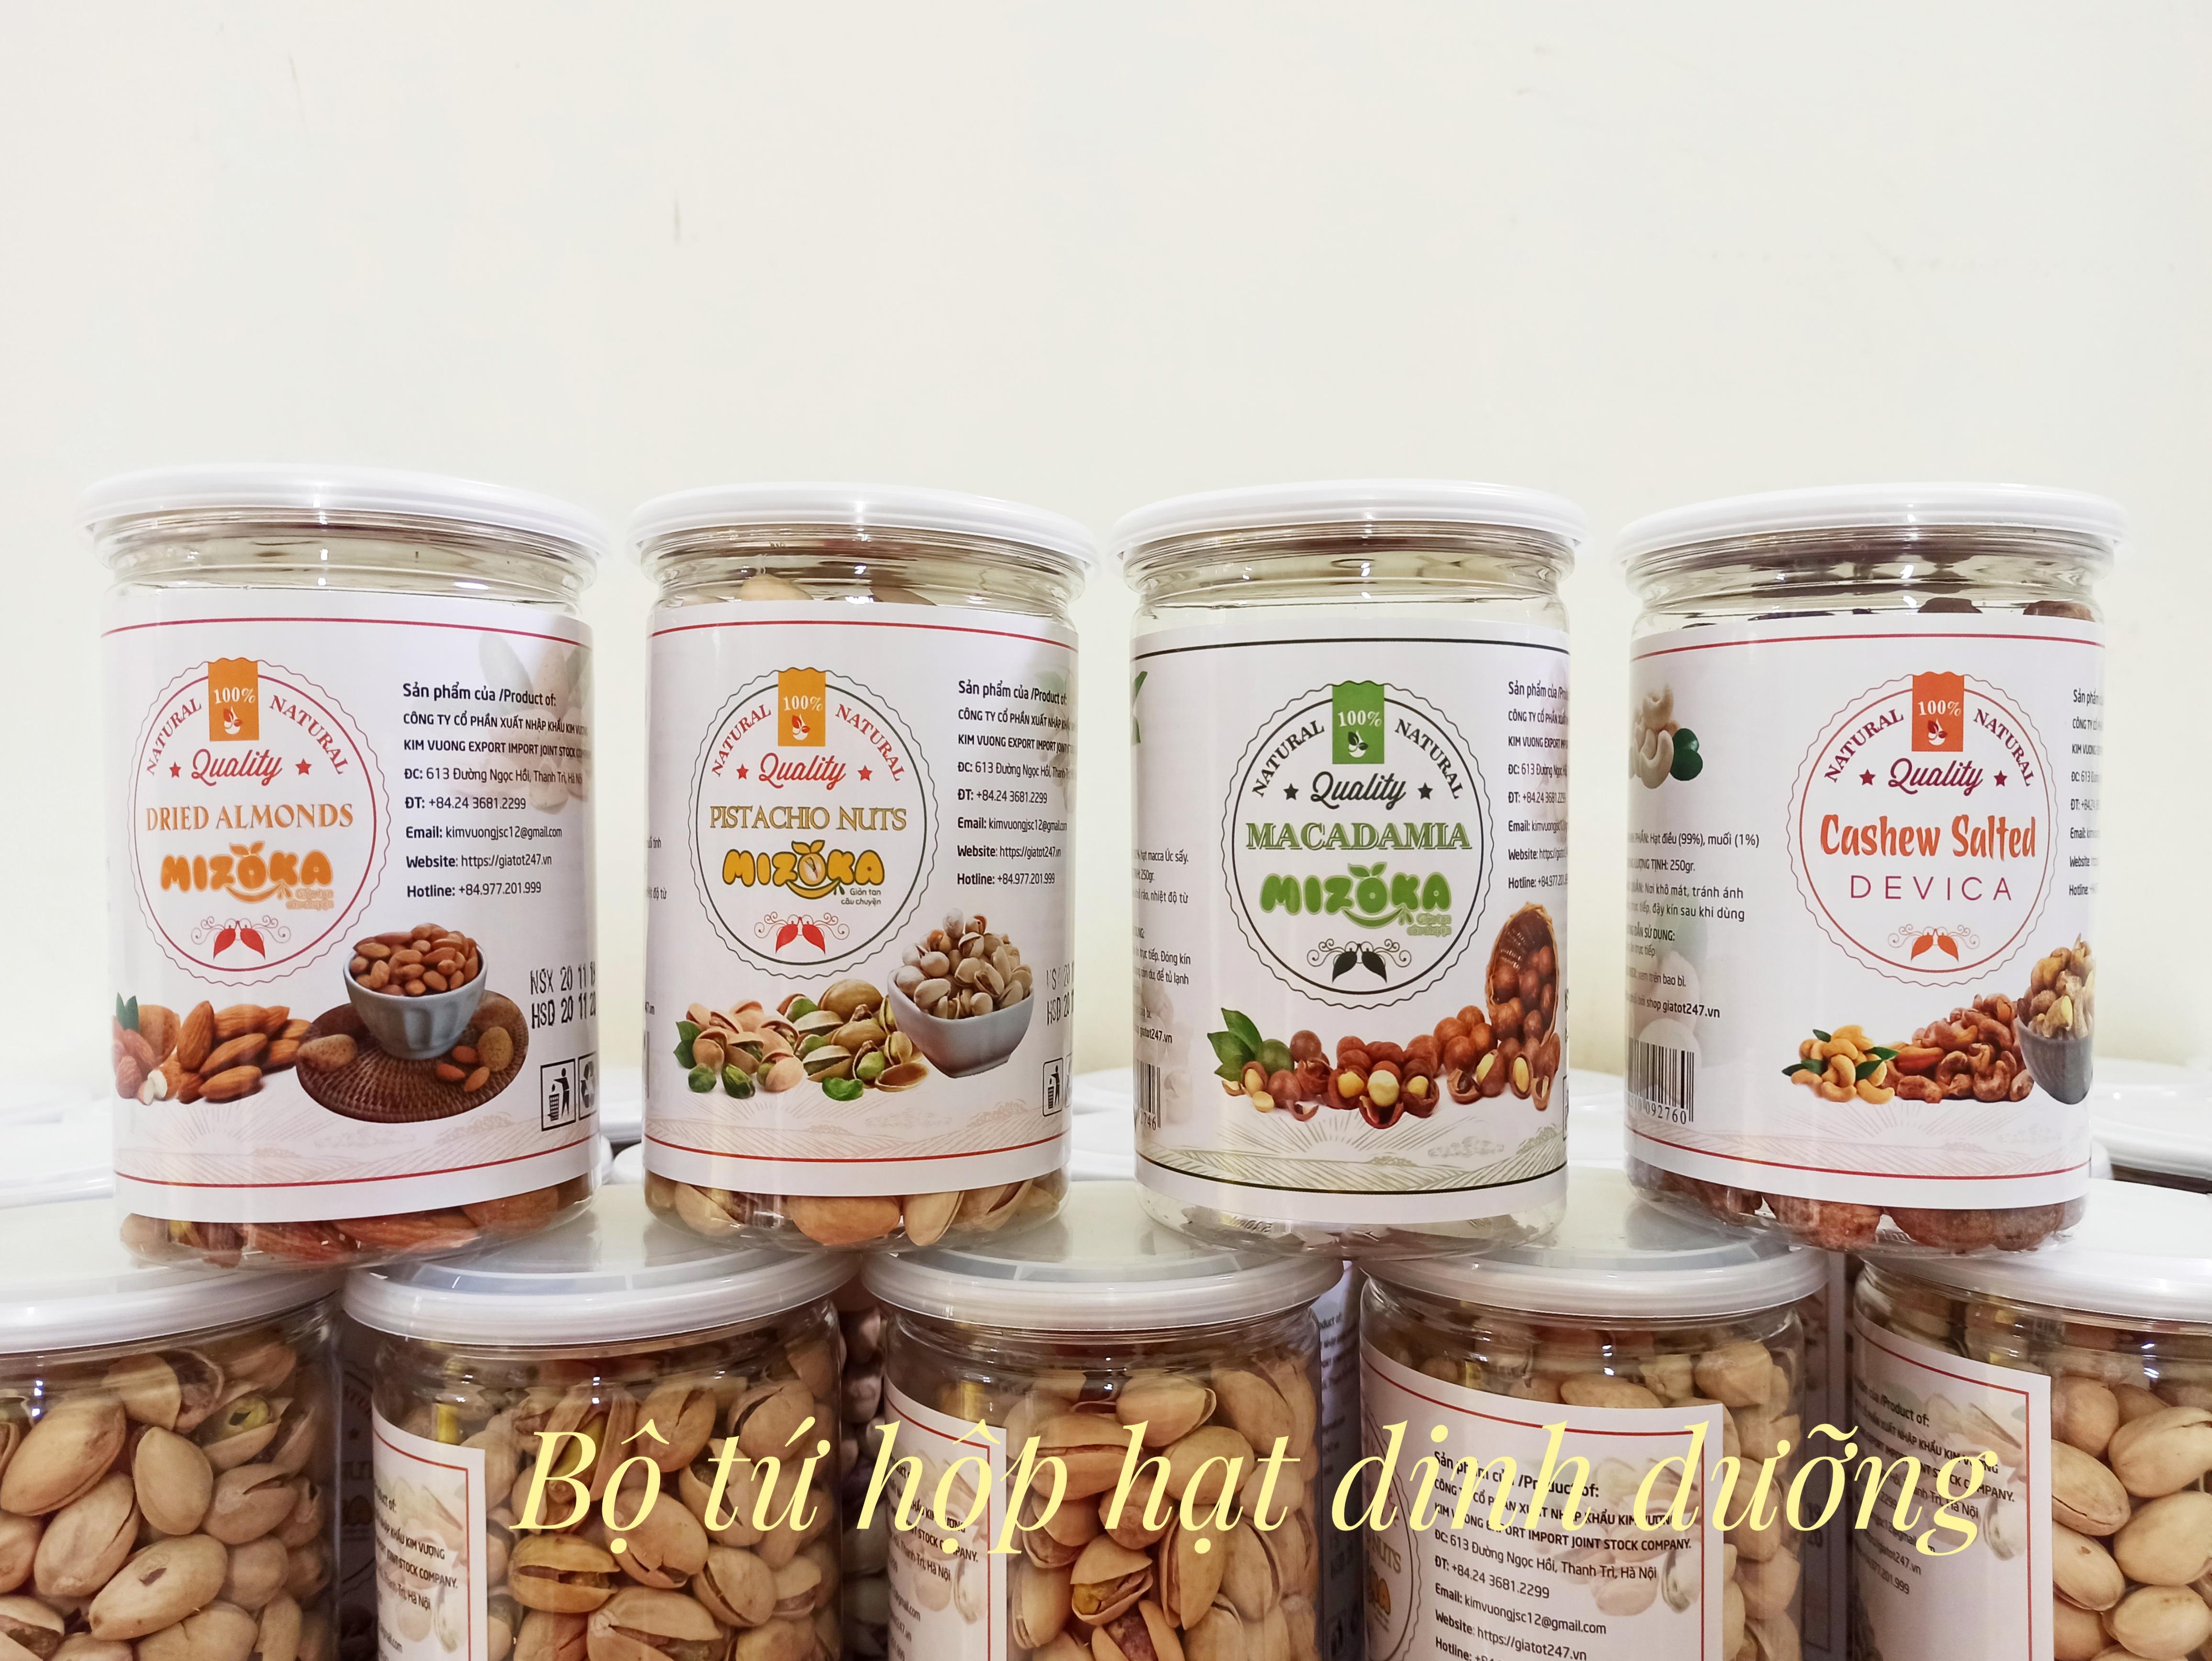 Bộ tứ hũ hạt dinh dưỡng cao cấp gồm hạt điều, hạt hạnh nhân, hạt macca, hạt dẻ cười